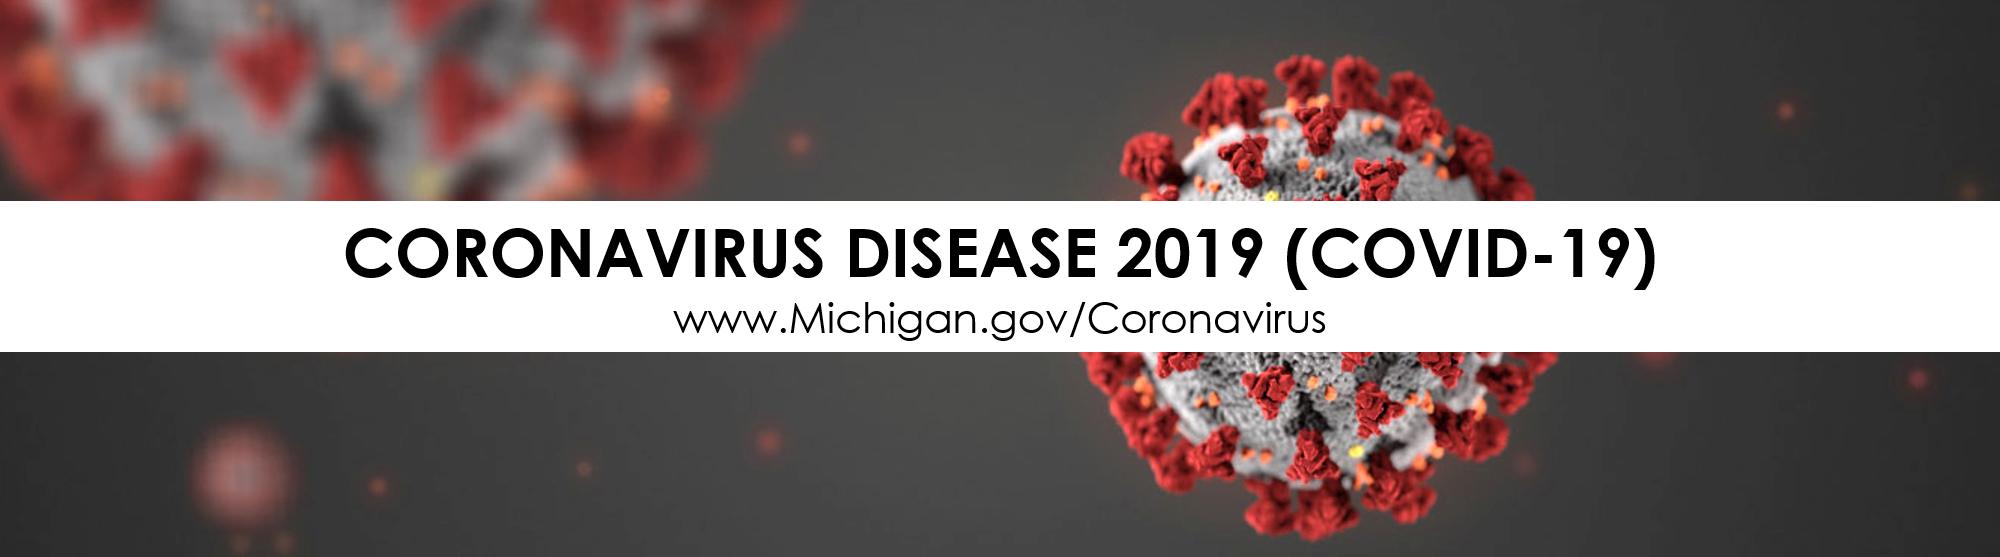 https://www.michigan.gov/coronavirus/